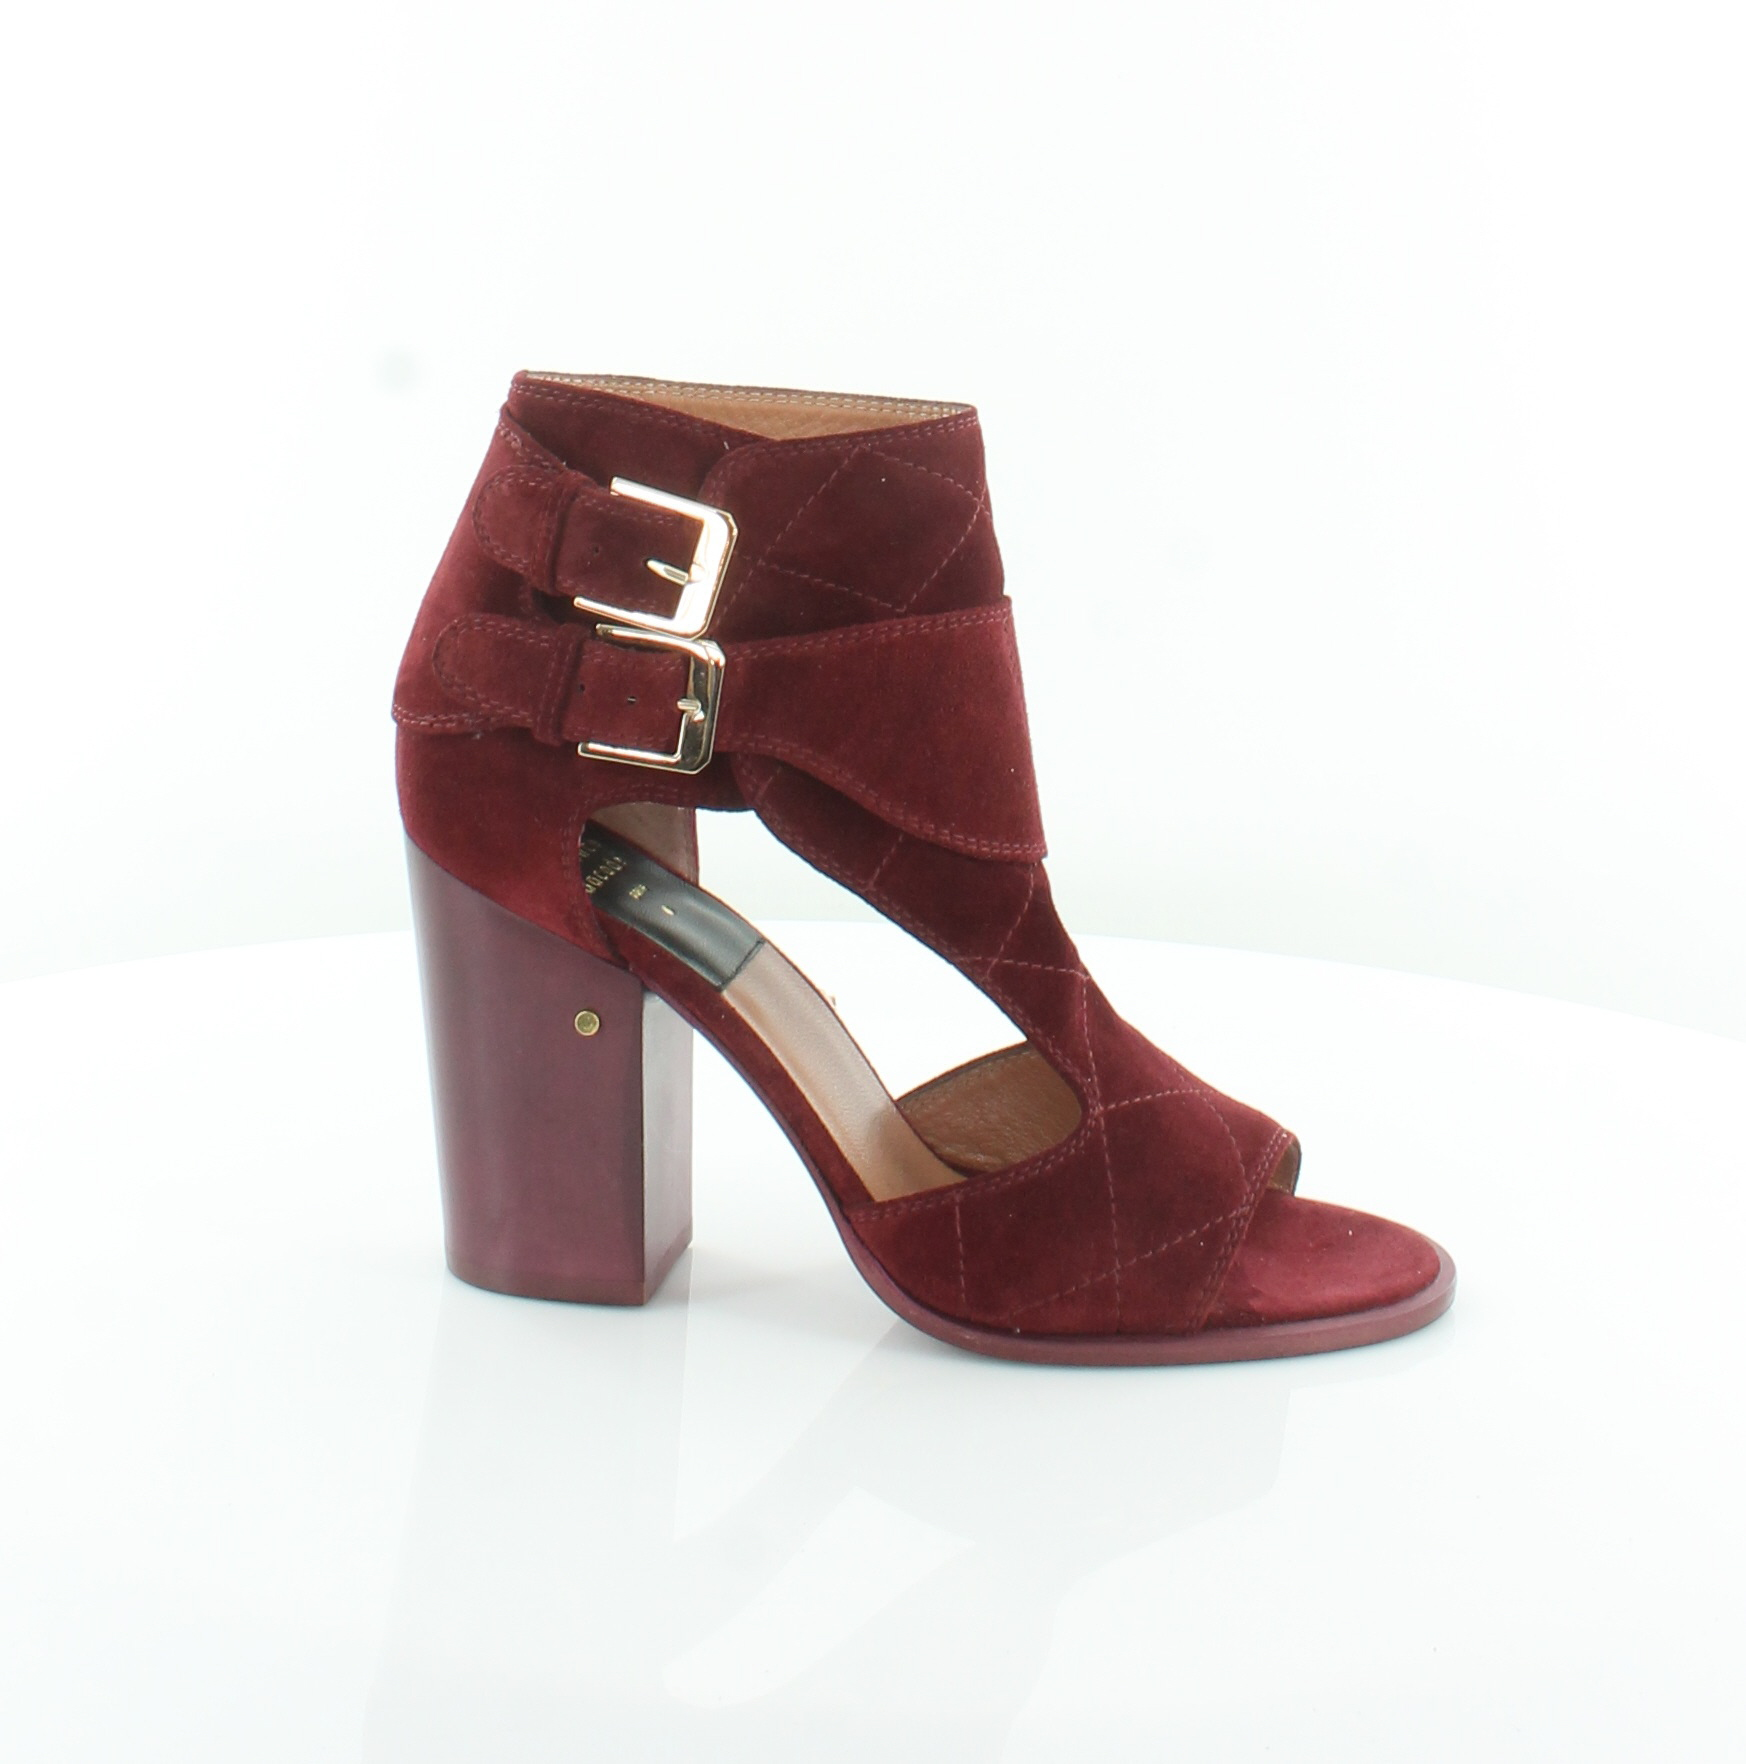 Sconto del 70% a buon mercato Laurence dacade Deric rosso donna scarpe Dimensione 10.5 10.5 10.5 M Heels MSRP  795  profitto zero